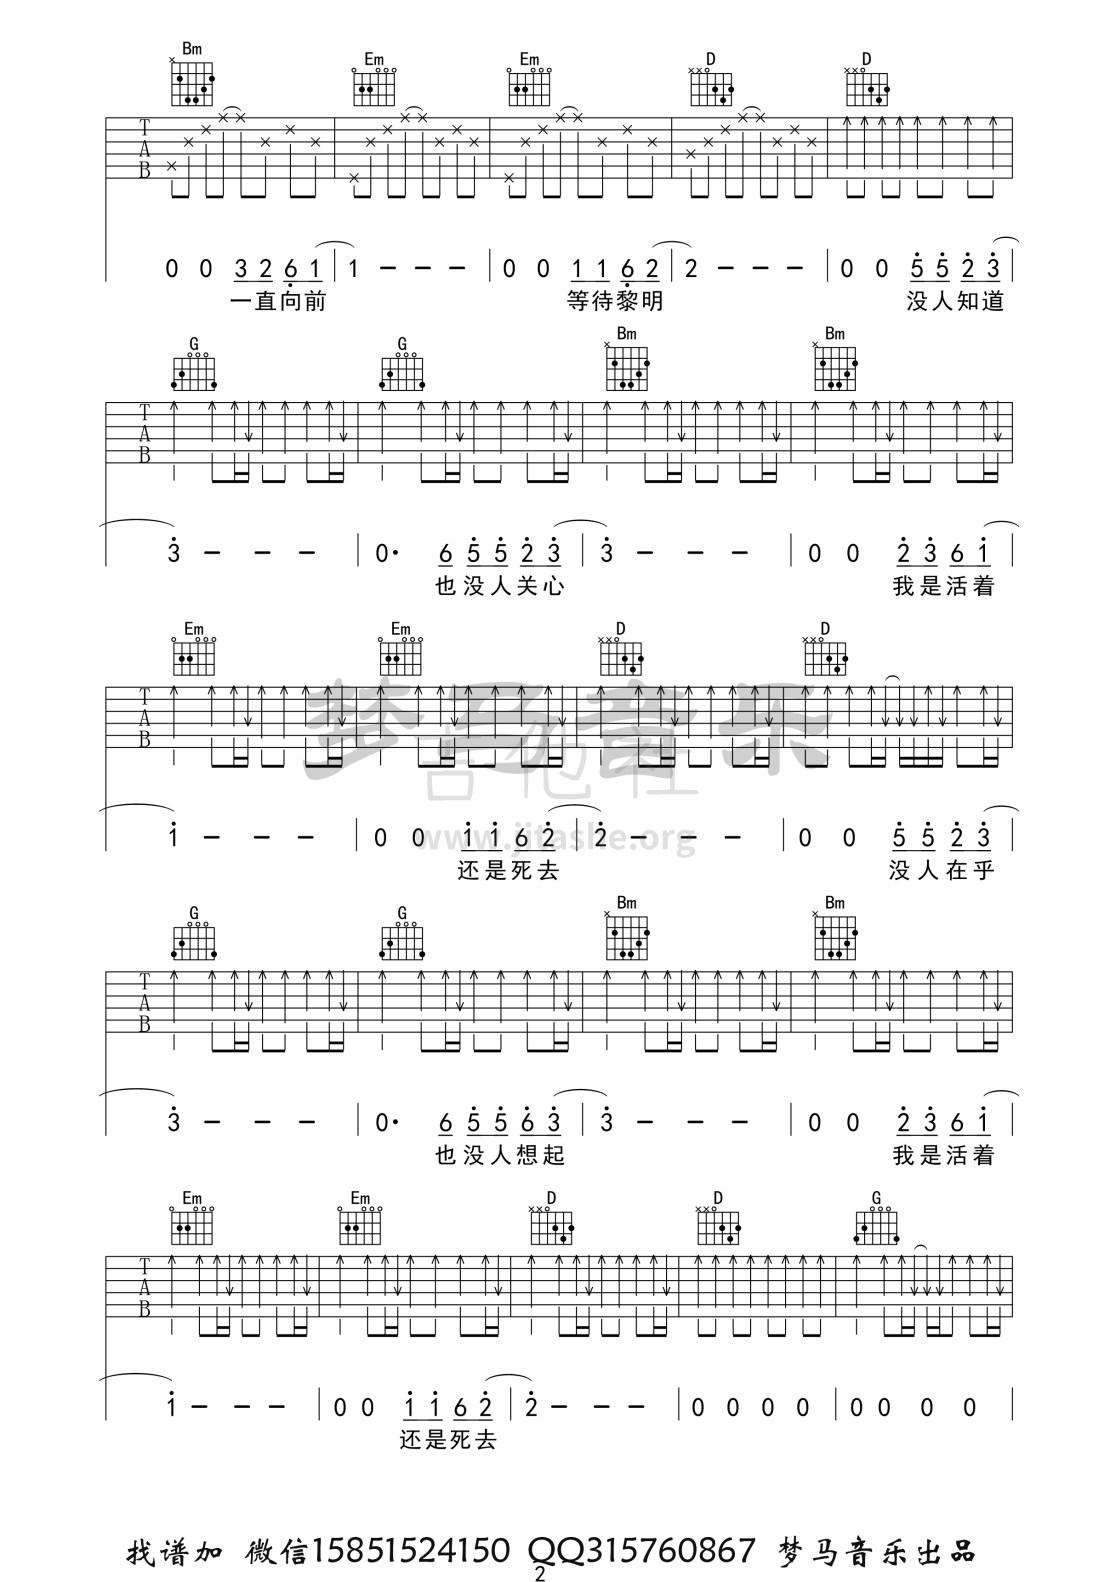 黑色公路吉他谱(图片谱,弹唱)_张闯_黑色公路-2.jpg